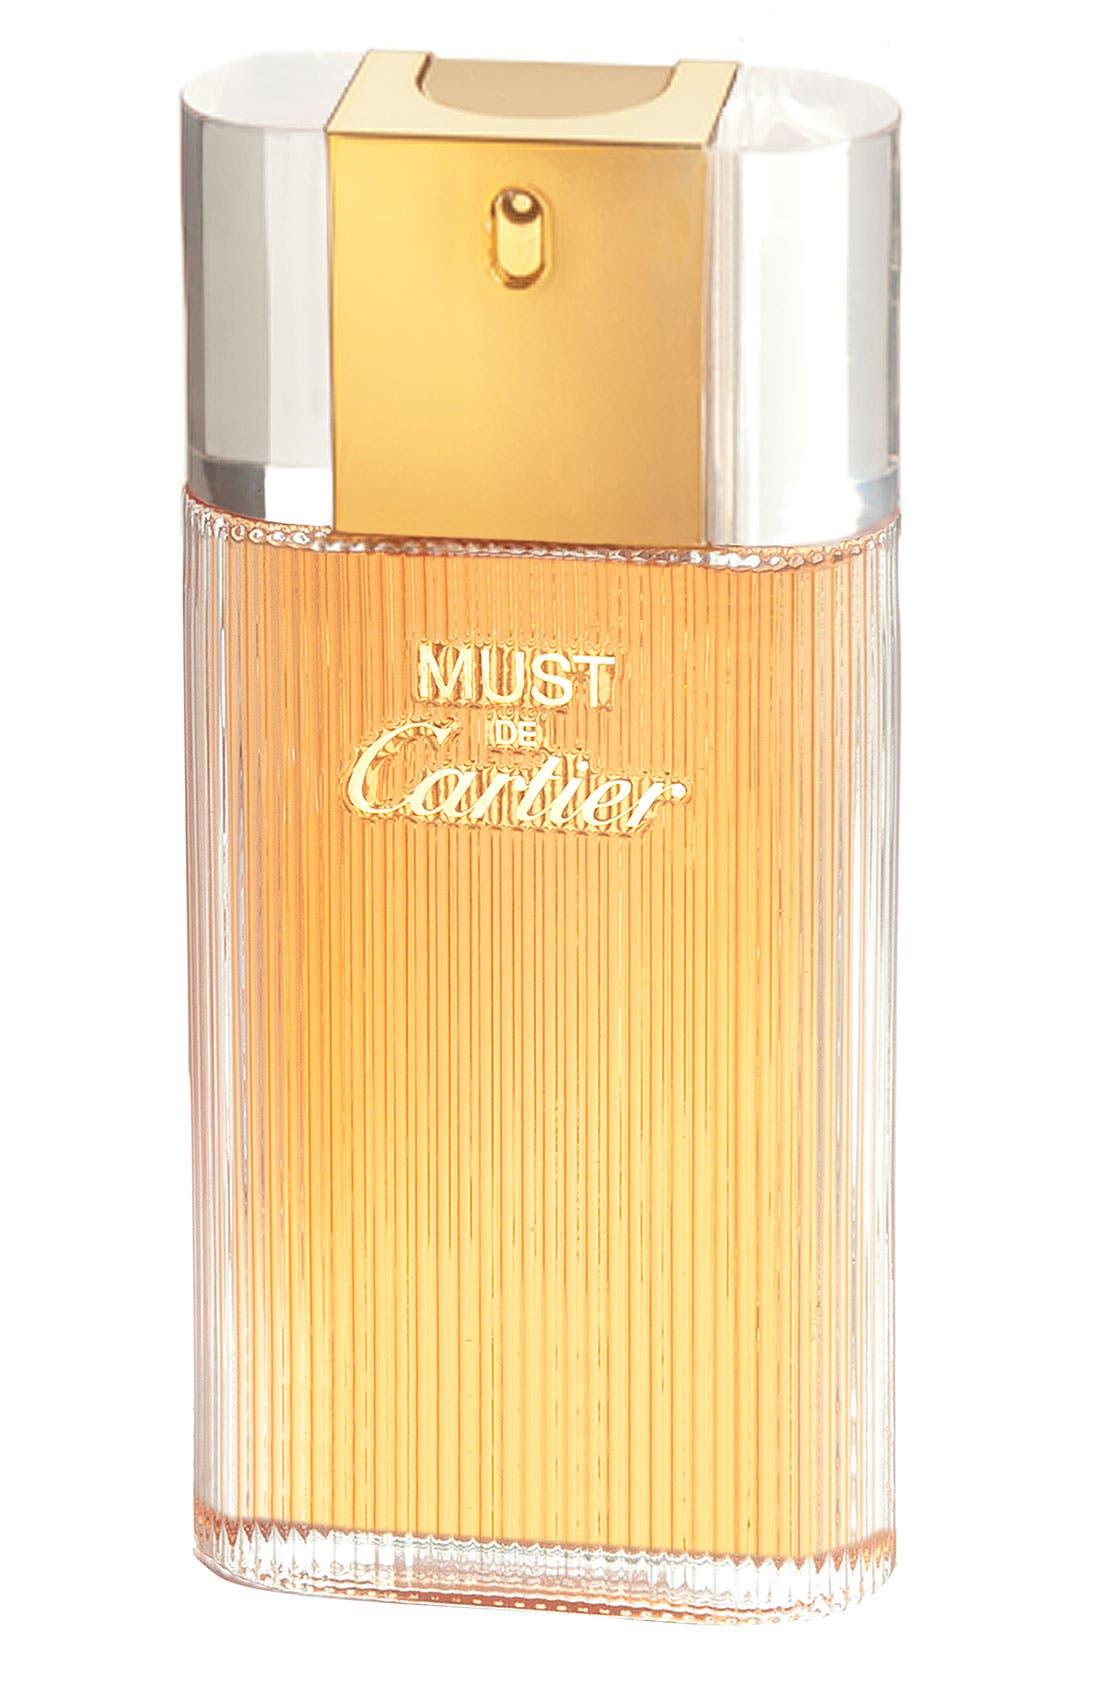 Cartier 'Must de Cartier' Eau de Toilette